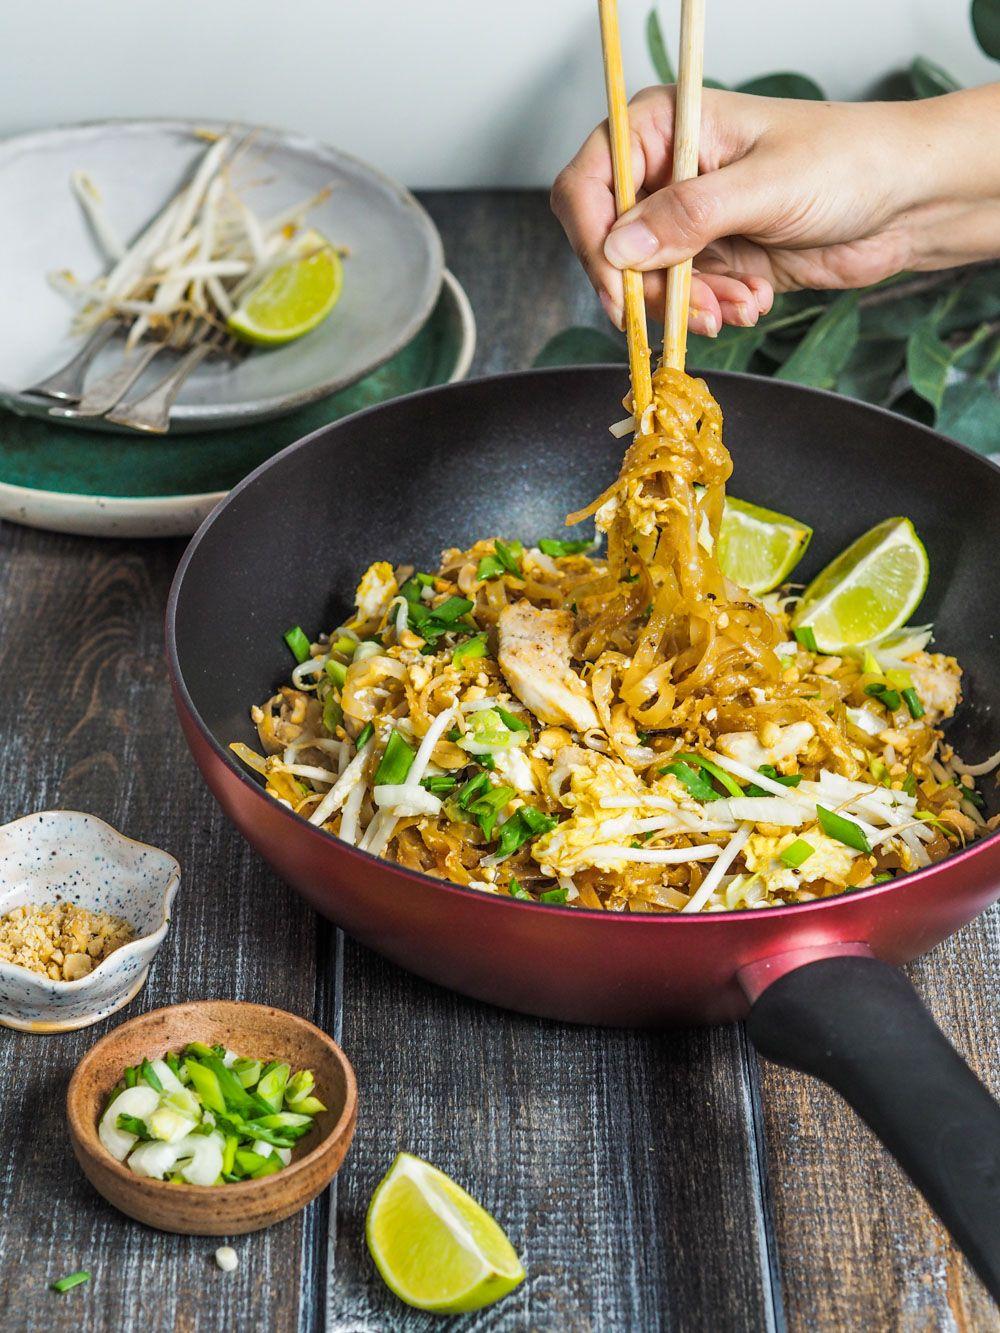 Klasyczne Danie Kuchni Tajskiej Pad Thai Z Kurczakiem Zrobisz Go W Domu W 20 Minut Z Dostepnych Skladnikow Najlep Pad Thai Cooking Recipes Culinary Recipes